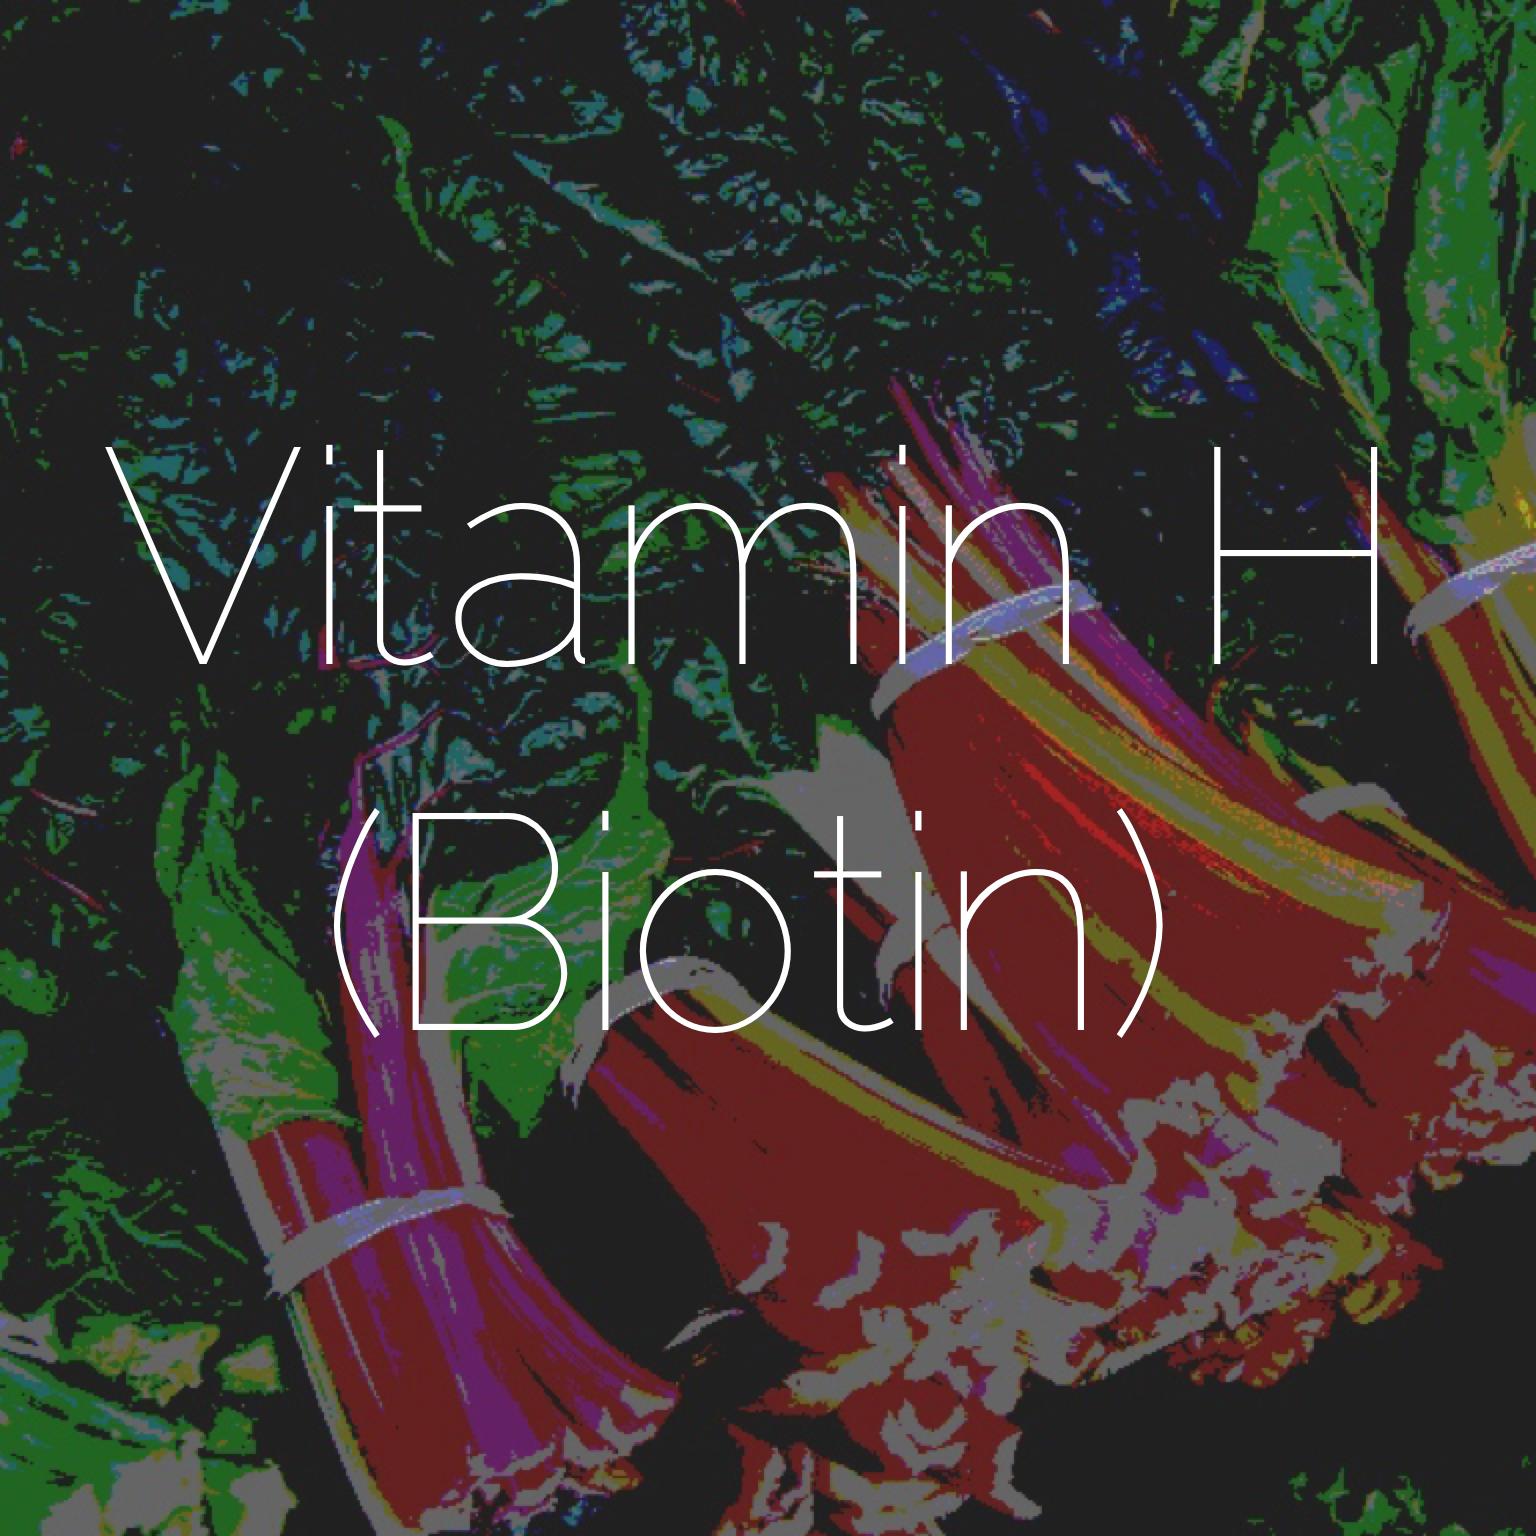 biotin.jpg